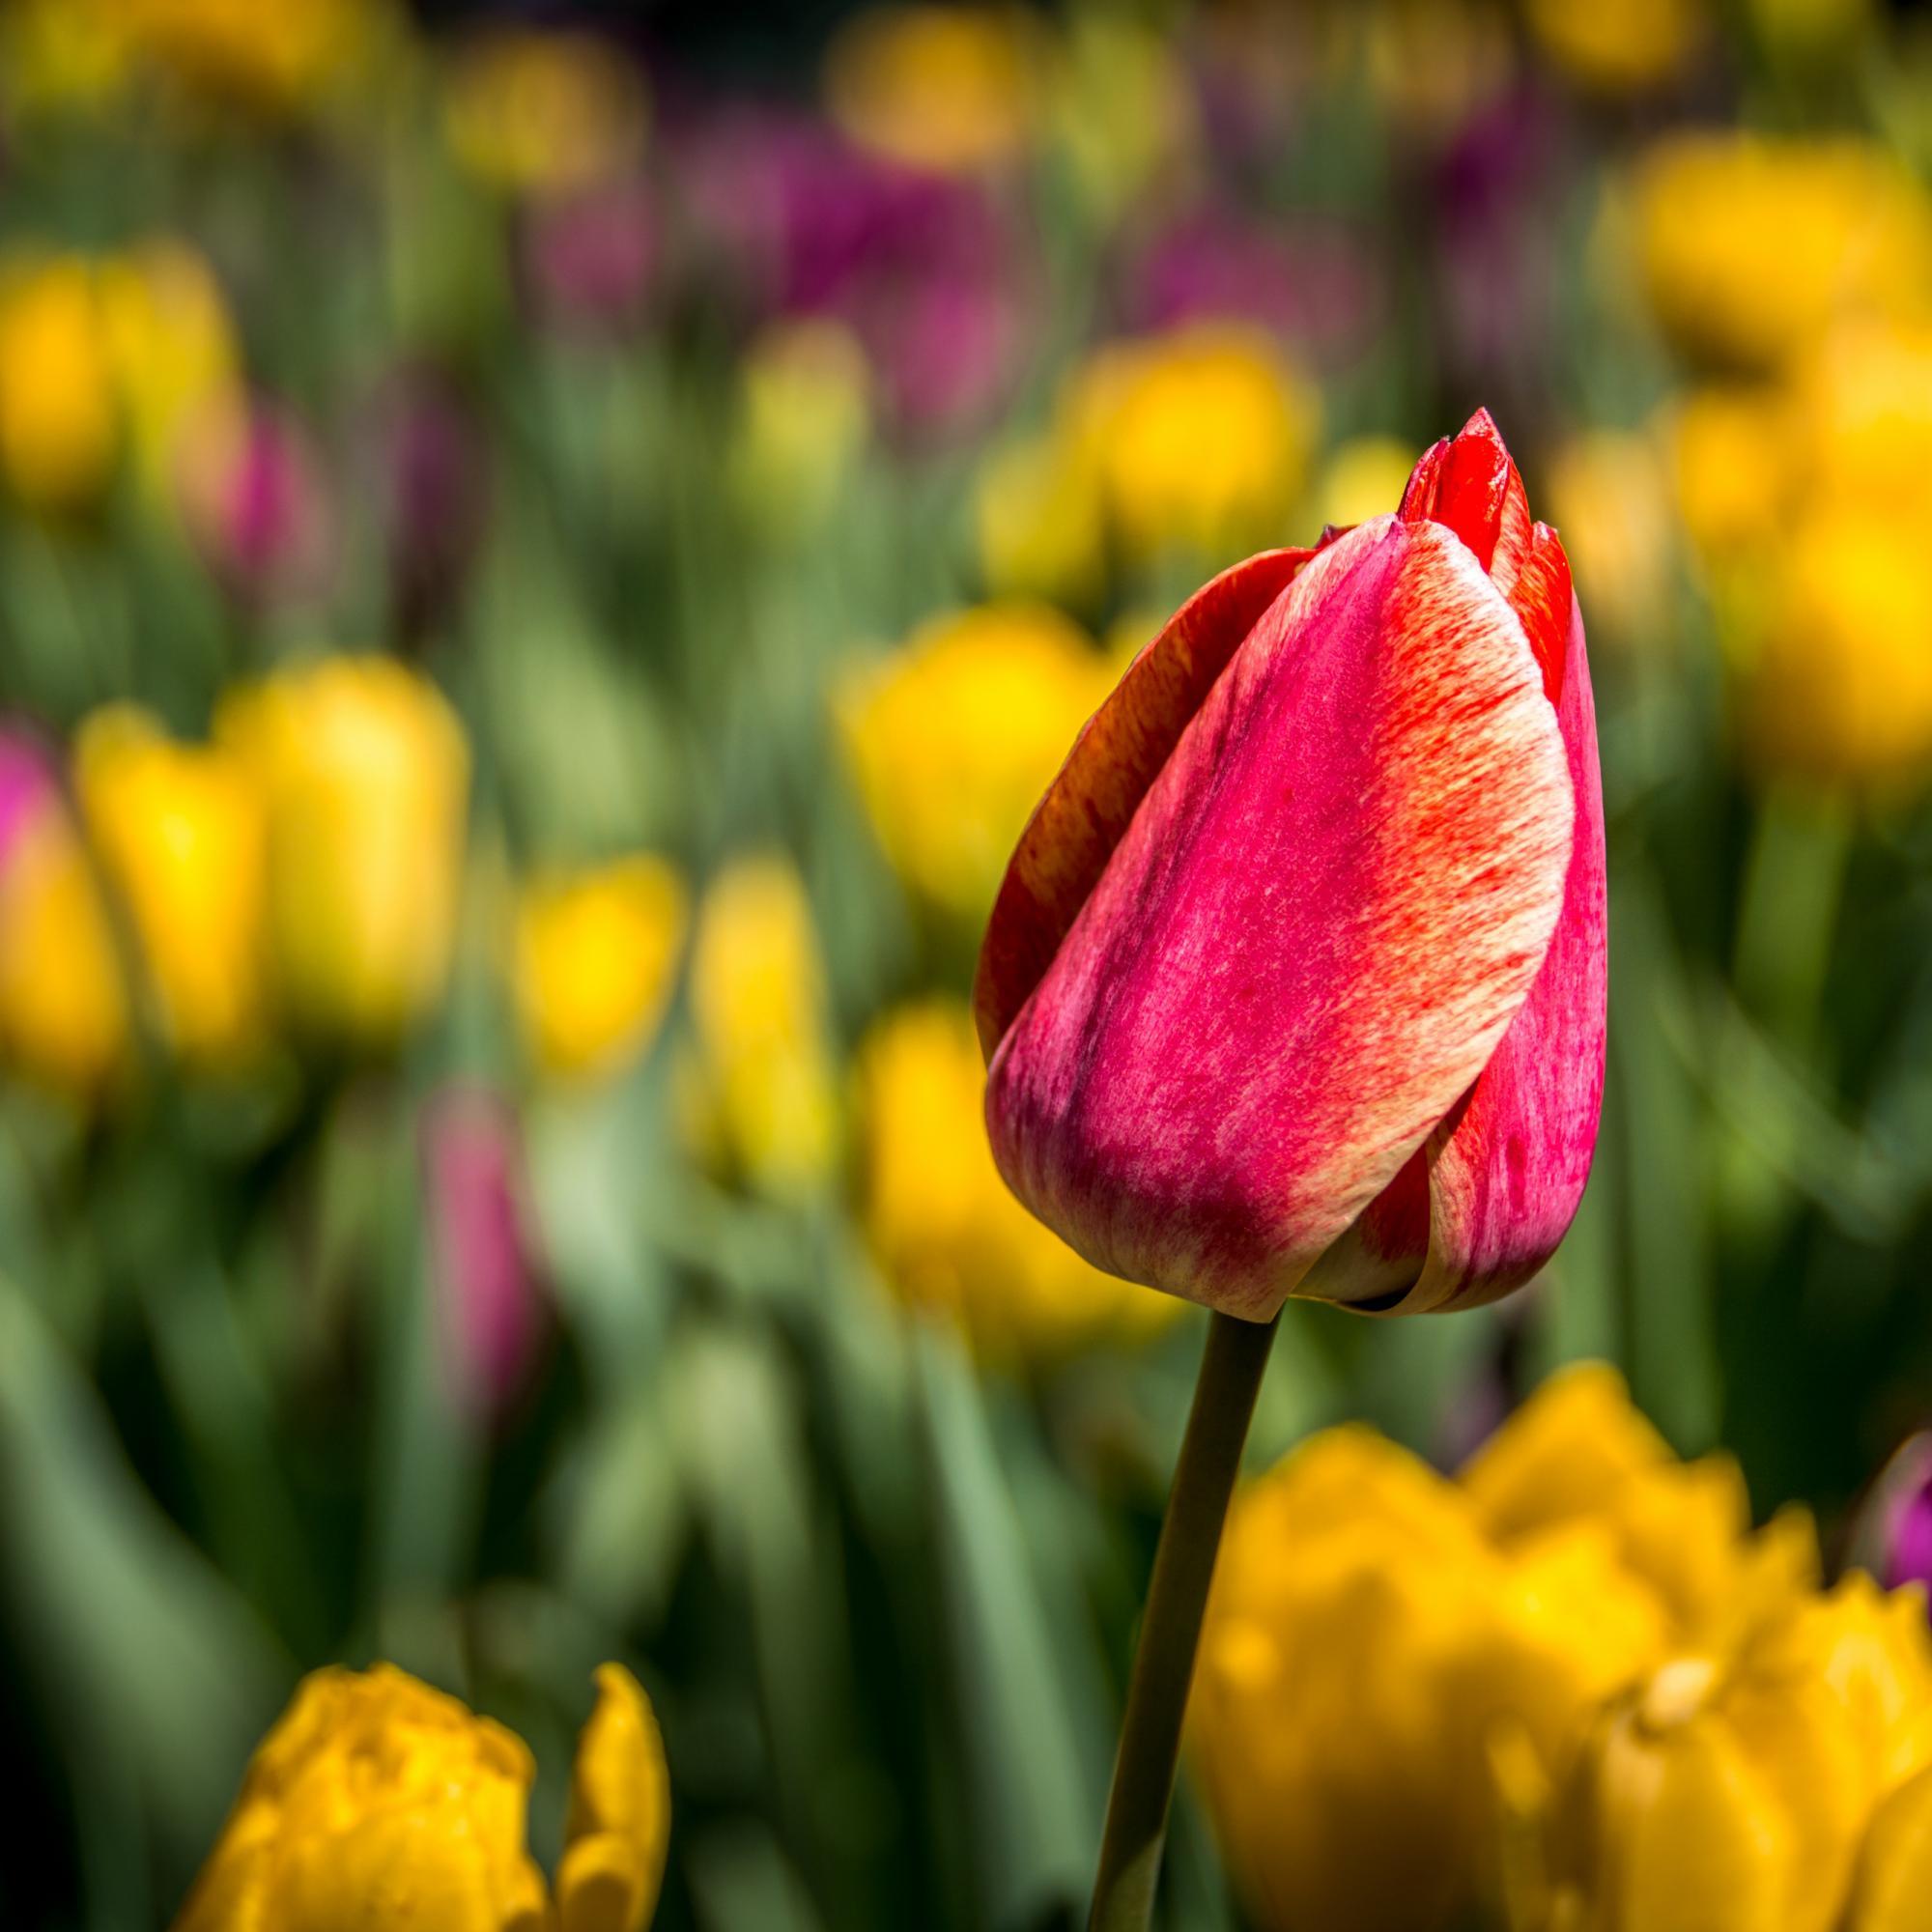 red tulip-718545